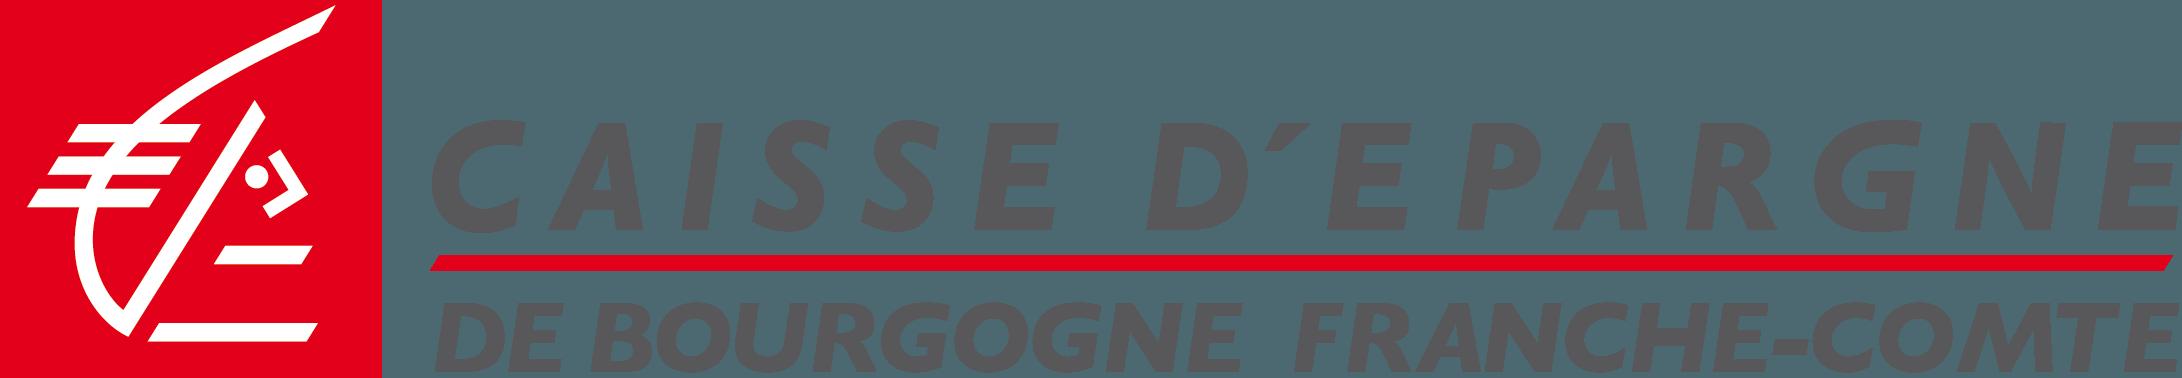 Logo de : banque caisse d'épargne de bourgogne franche comté